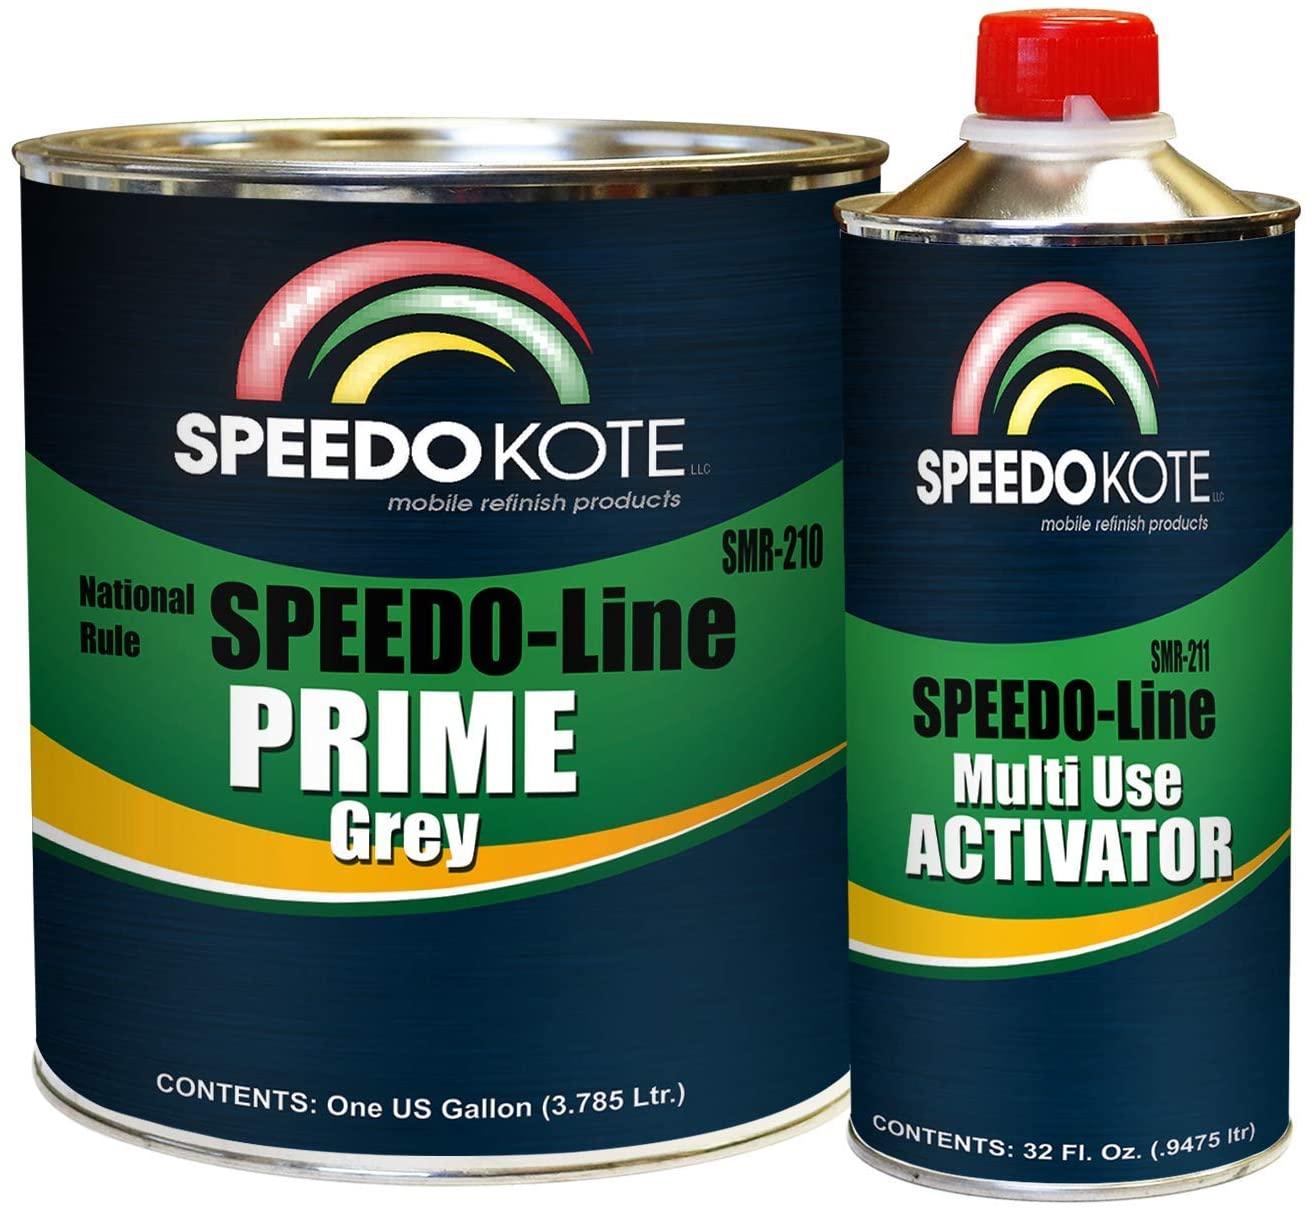 SpeedoKote-SMR-210